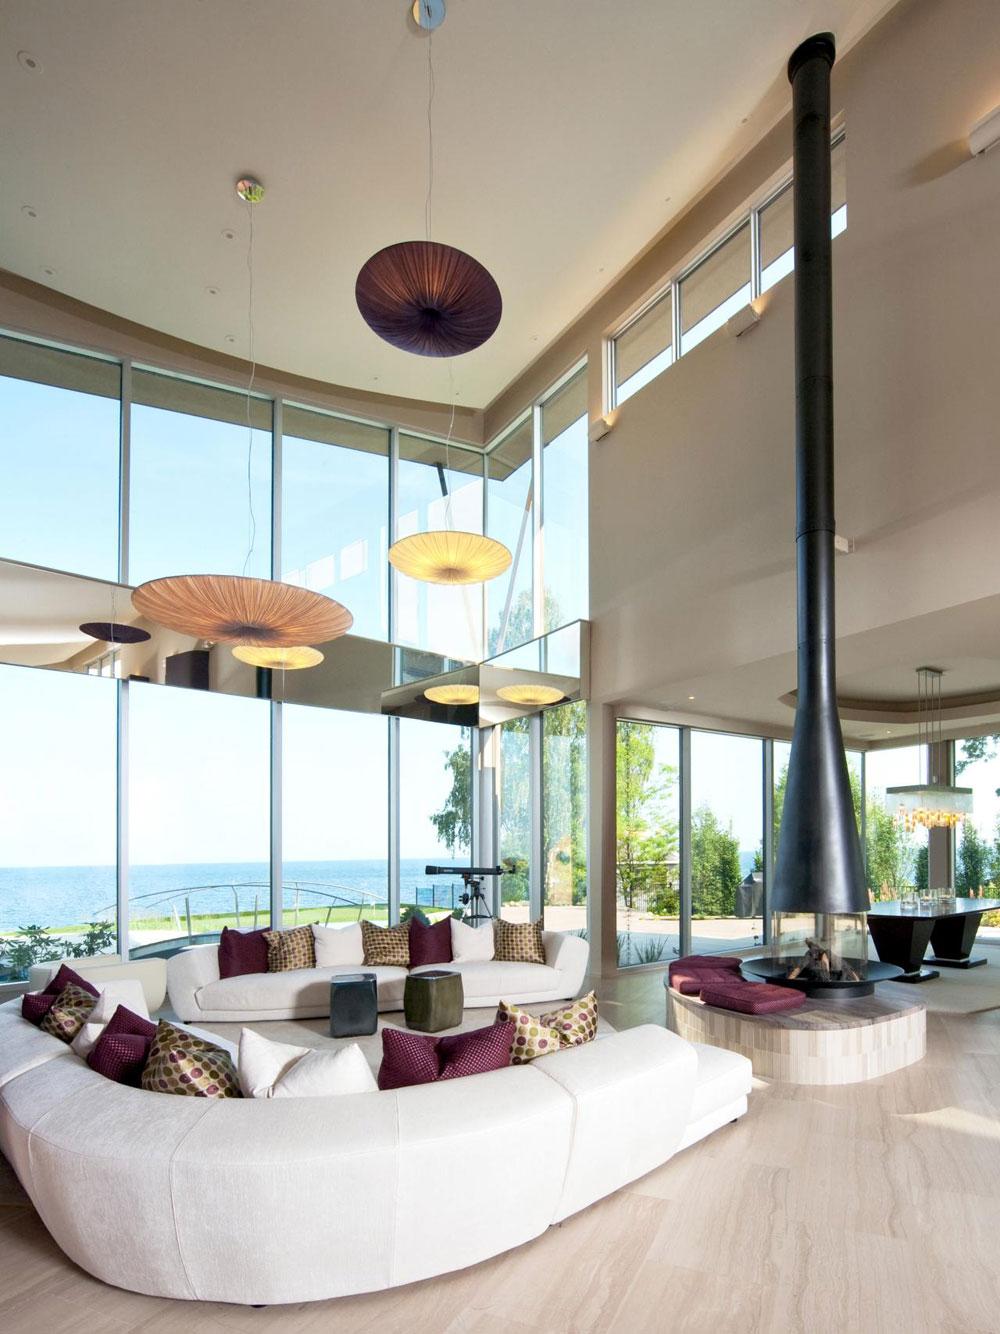 Living Room Interior Design Ideas 65 Designs Part 37